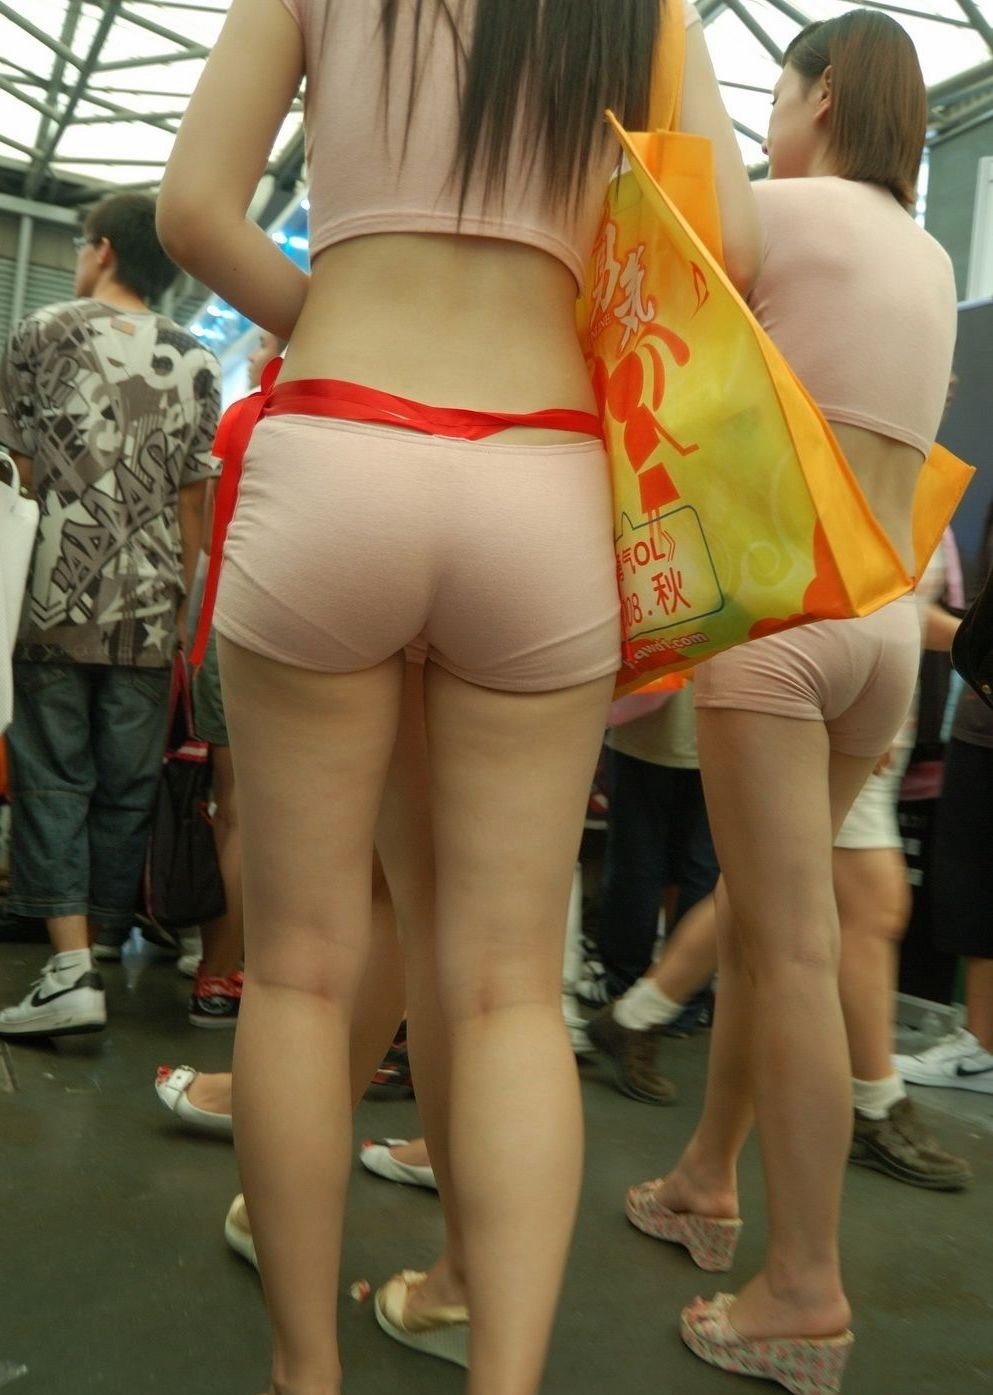 【キャンギャル&RQ尻エロ画像】さすが大勢に半裸を見せる人達w尻の上がりっぷりも半端ねぇwww 04